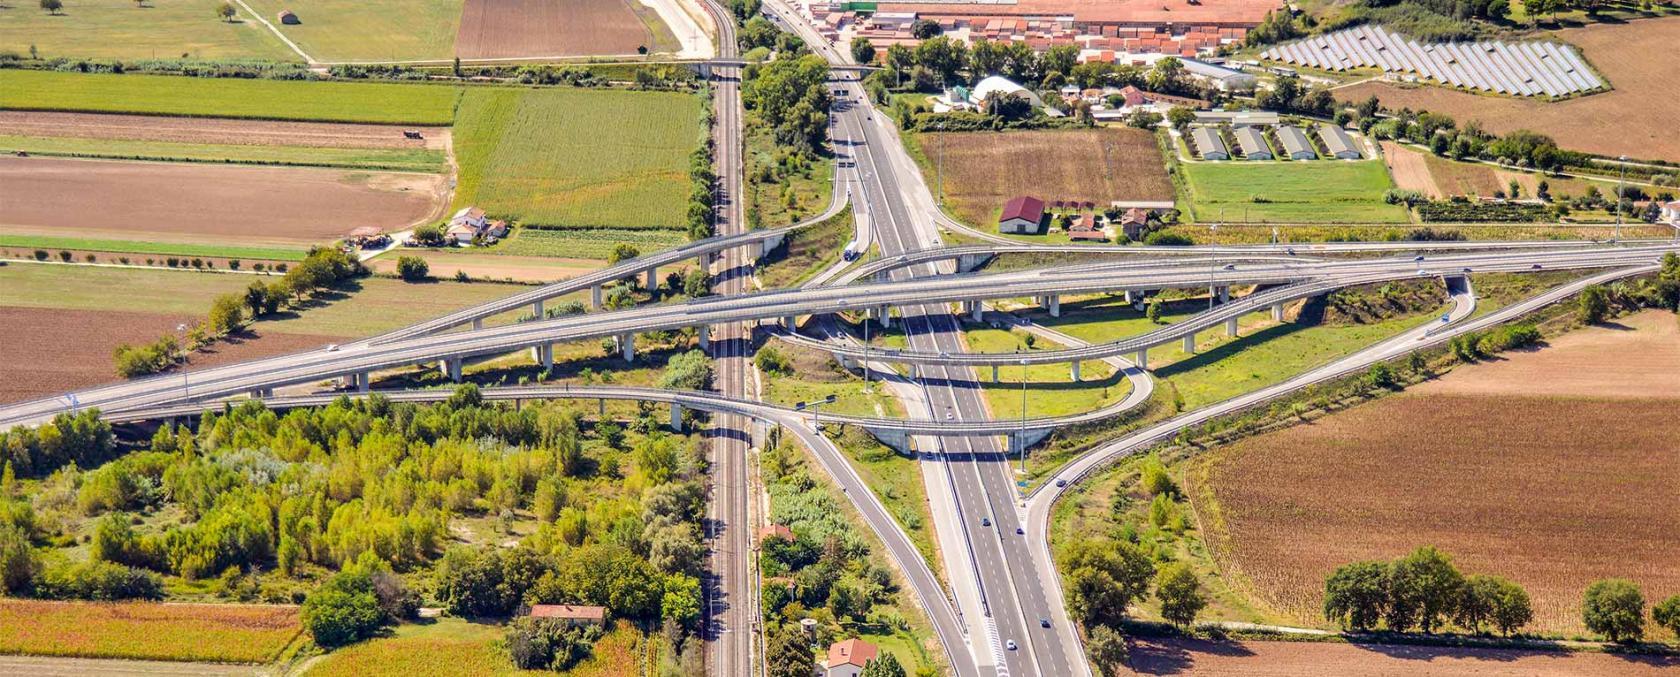 Immagine di uno svincolo autostradale visto dall'alto